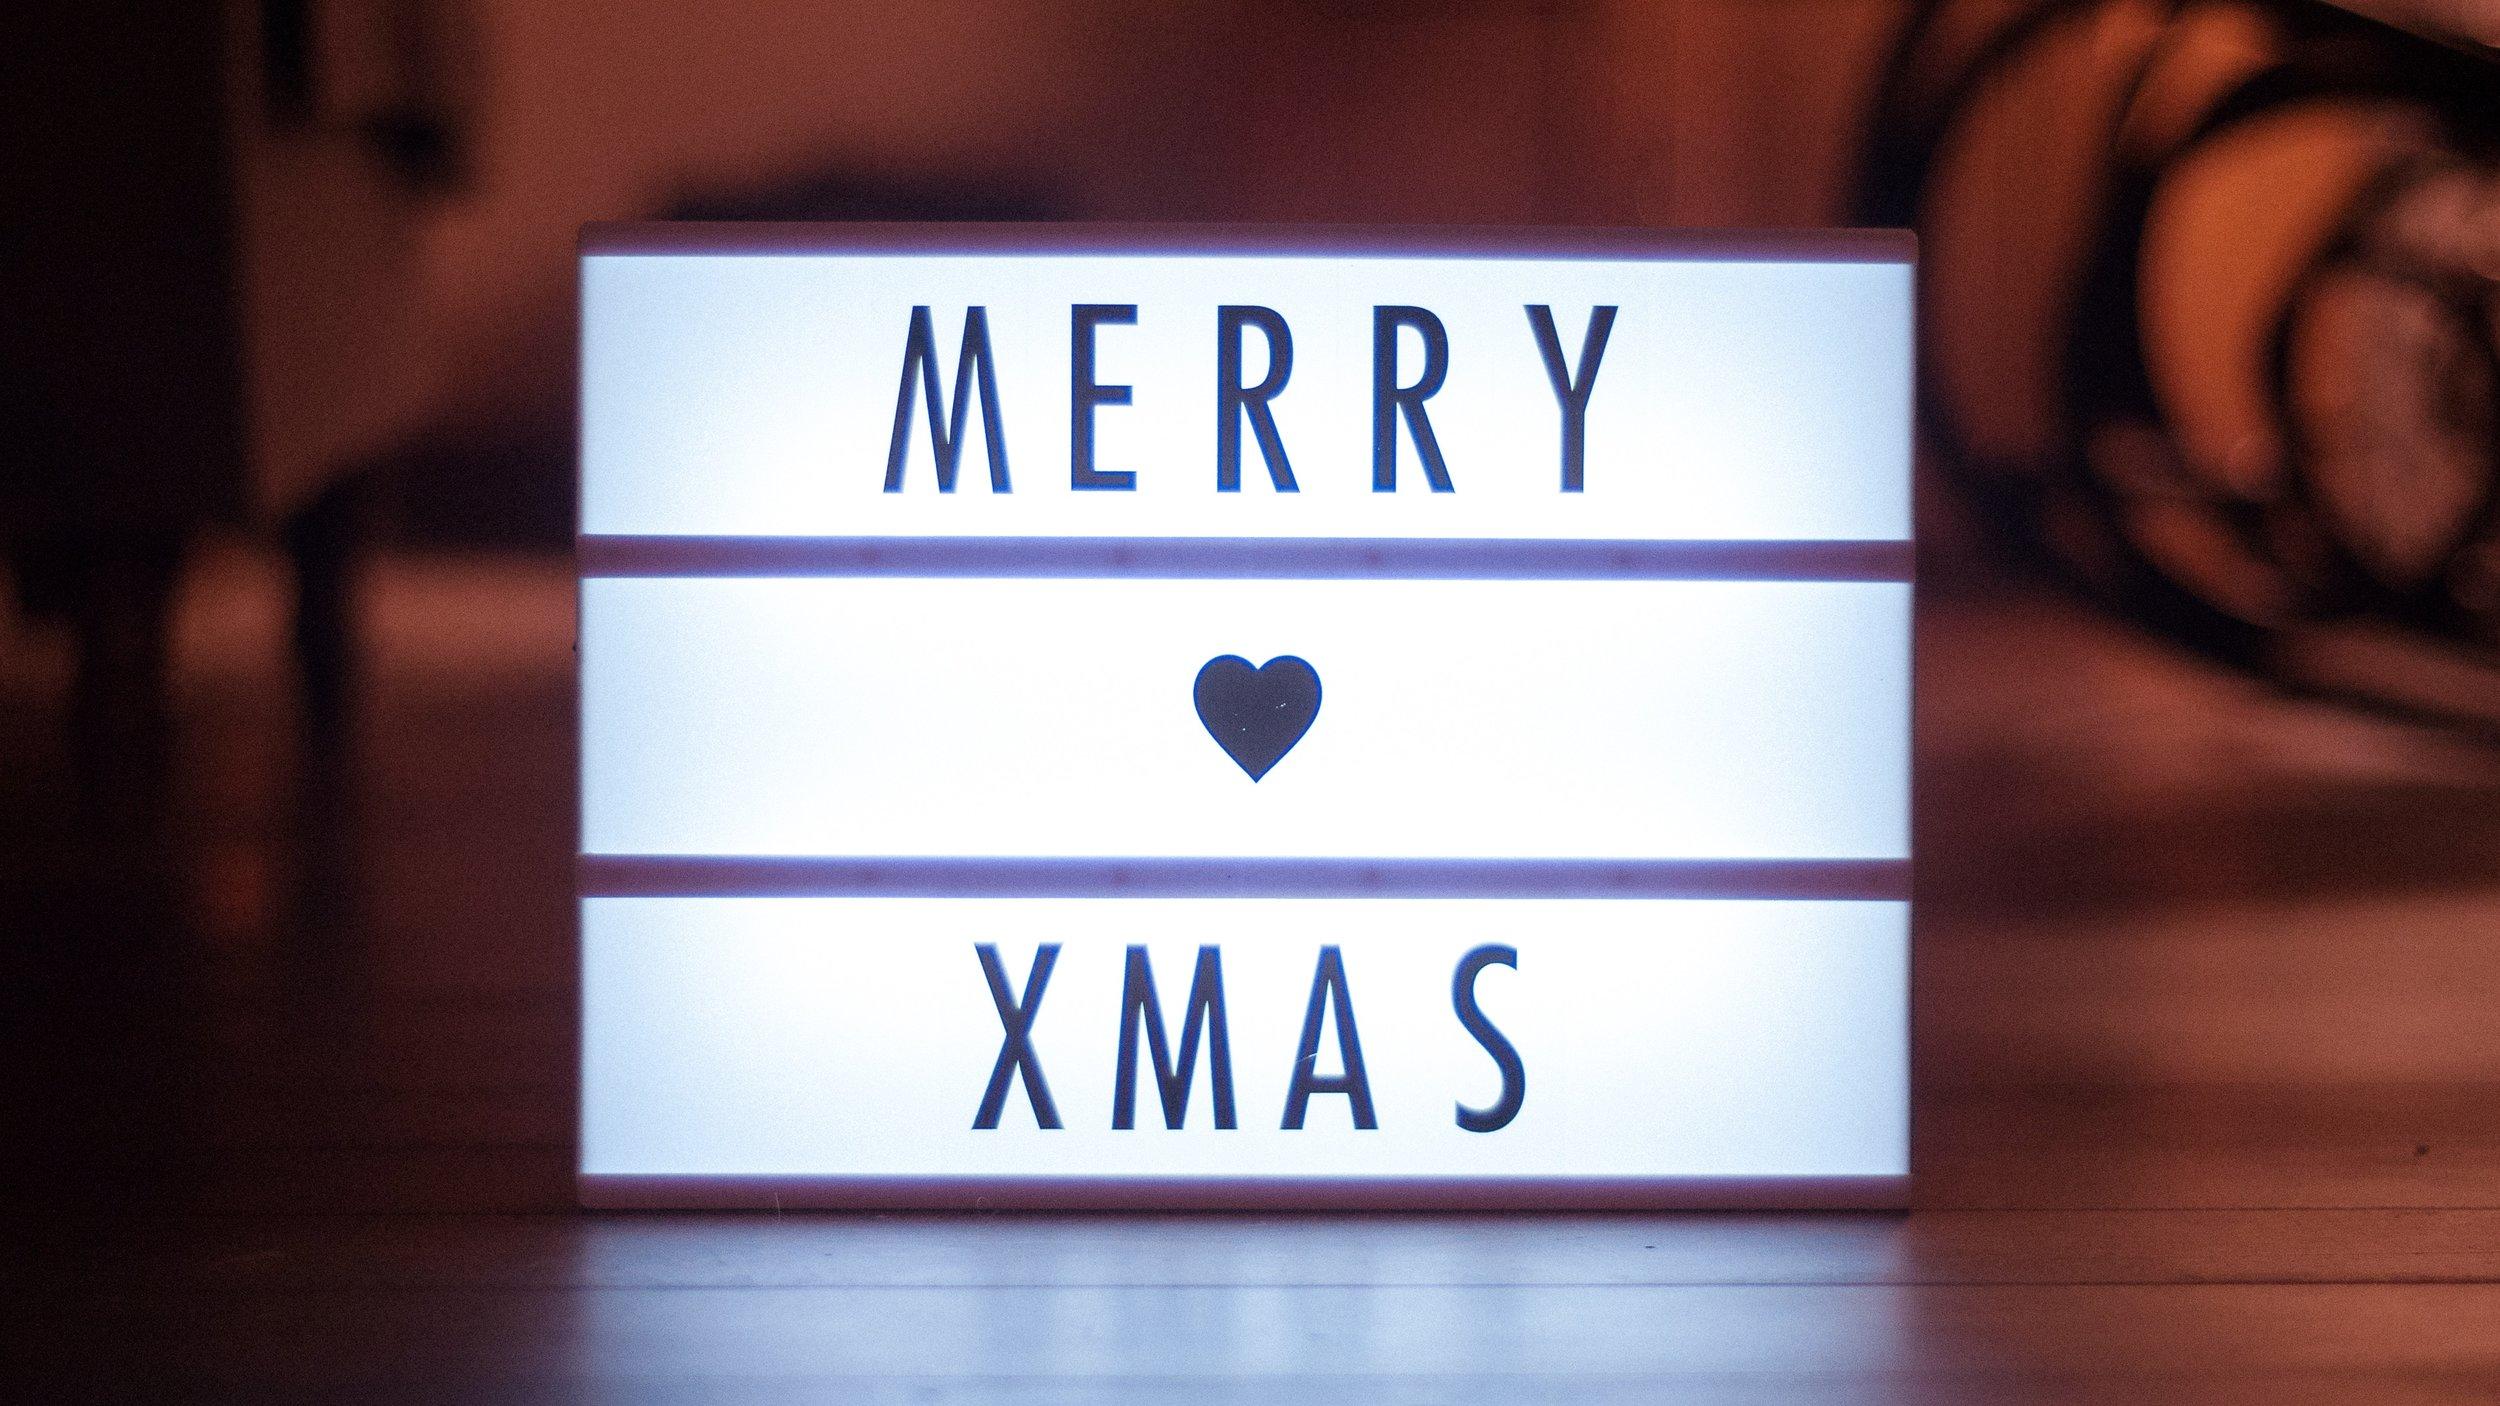 merry xmas pic .jpg